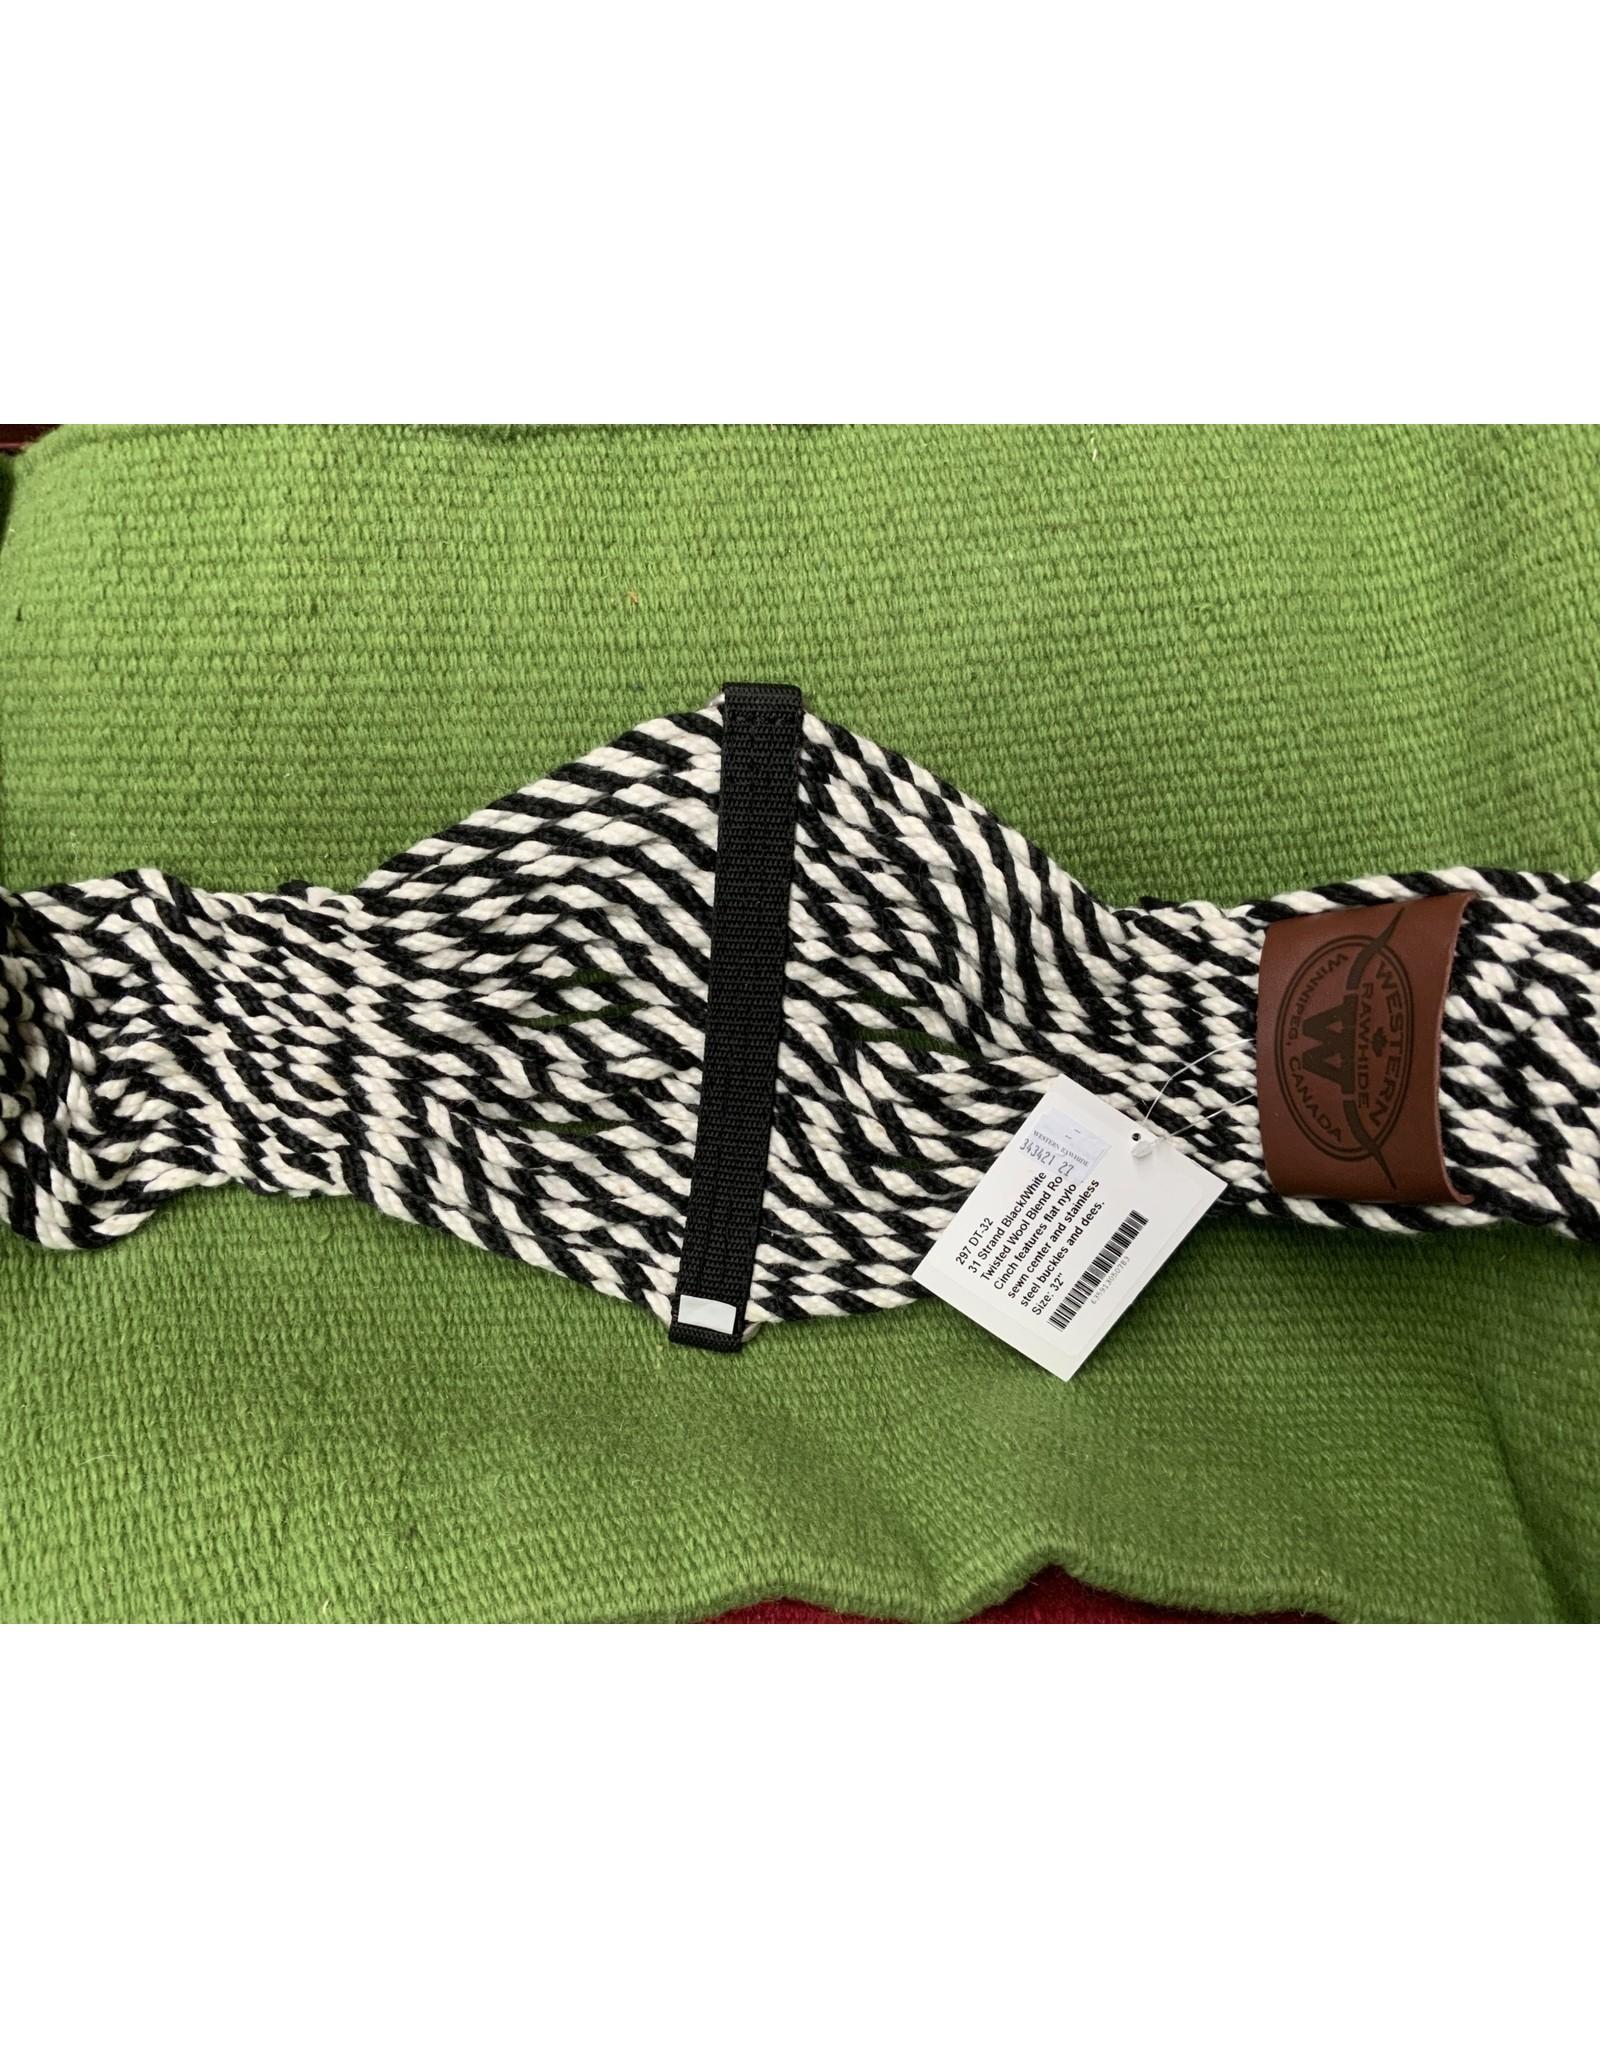 CIN* black/white twisted wool blend 343421 - 27-32'